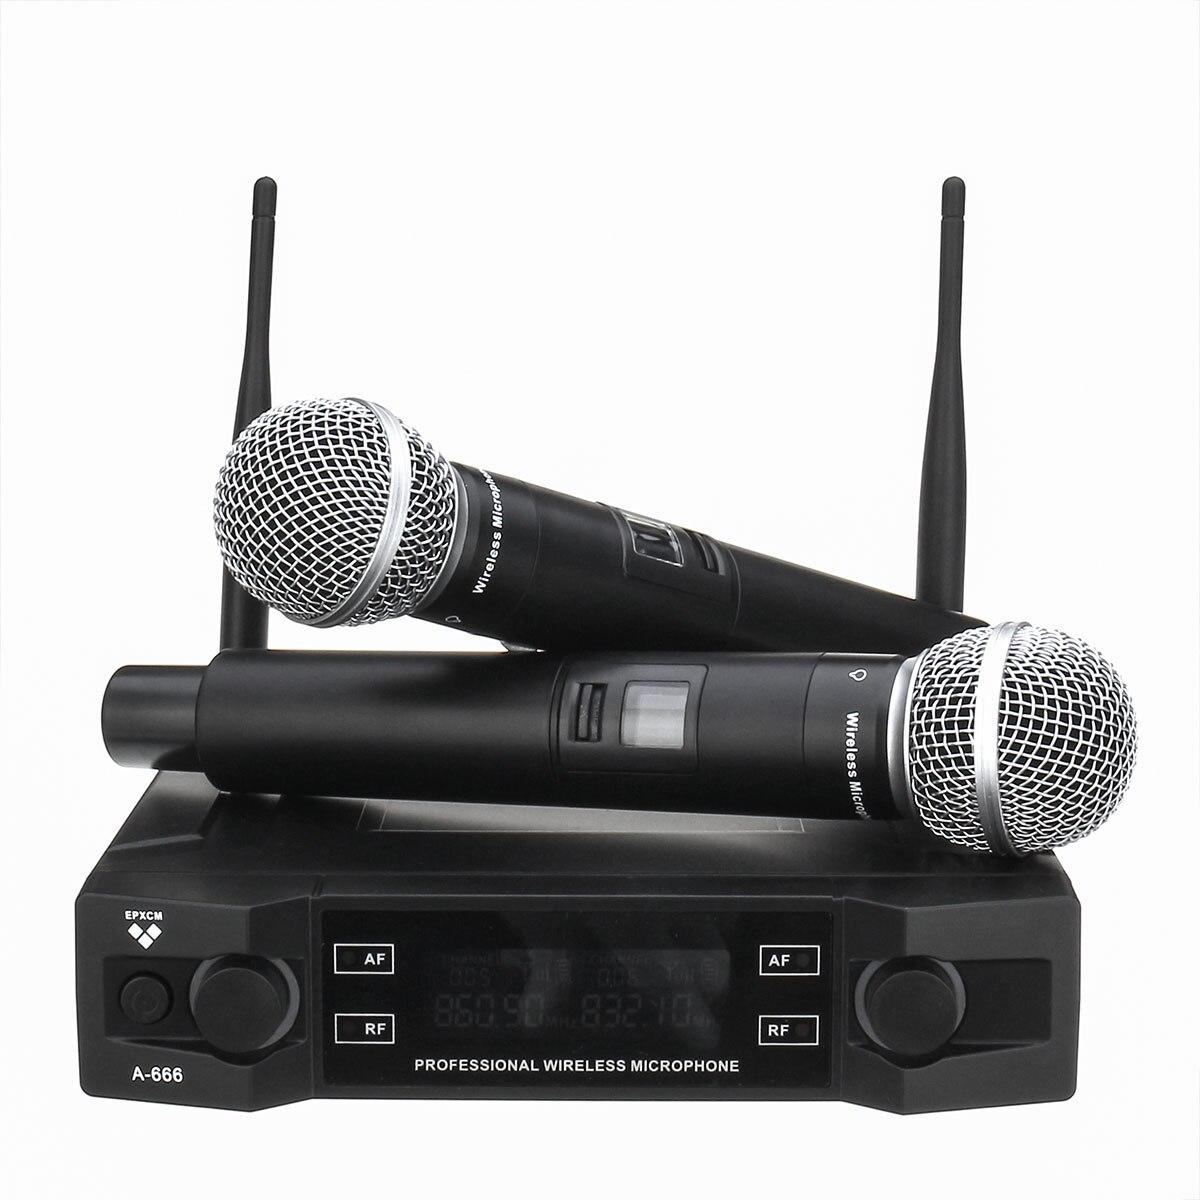 Système de Microphone sans fil UHF 2 canaux 2 micro portatif sans fil Kraoke fournitures de fête de la parole Microphone cardioïde professionnel - 2